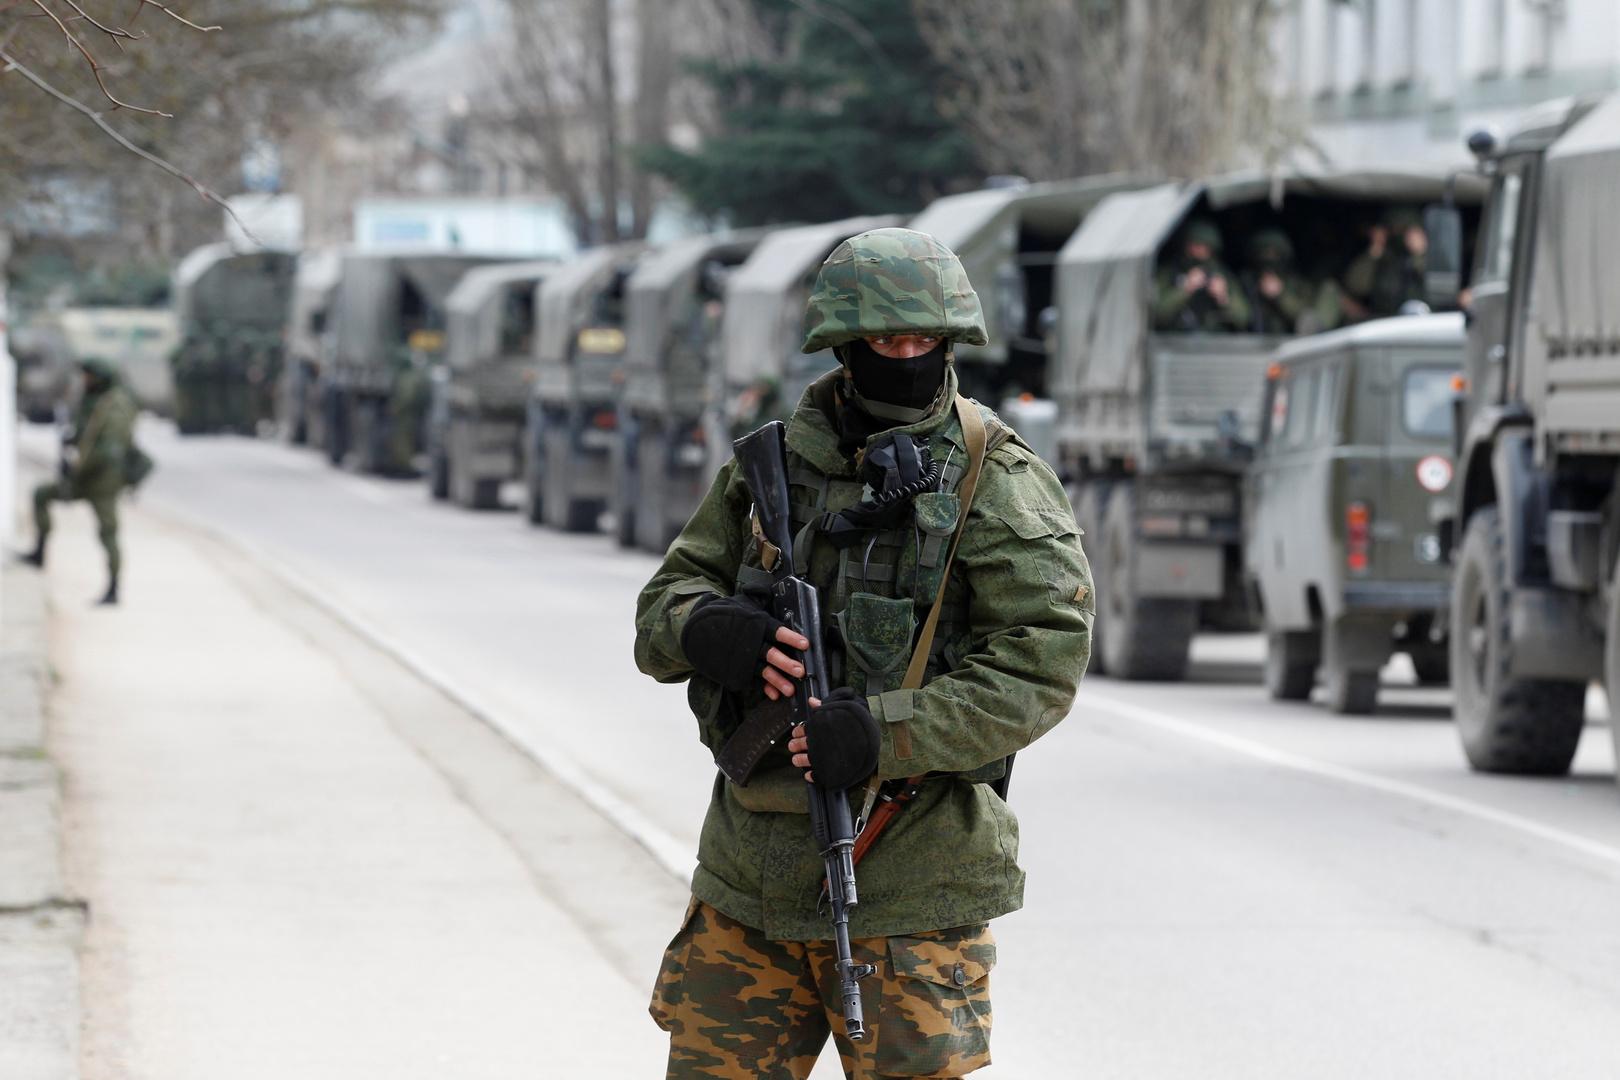 وزارة الدفاع الروسية تعلن بدء تدريبات عسكرية للتأكد من الجاهزية القتالية للقوات المسلحة